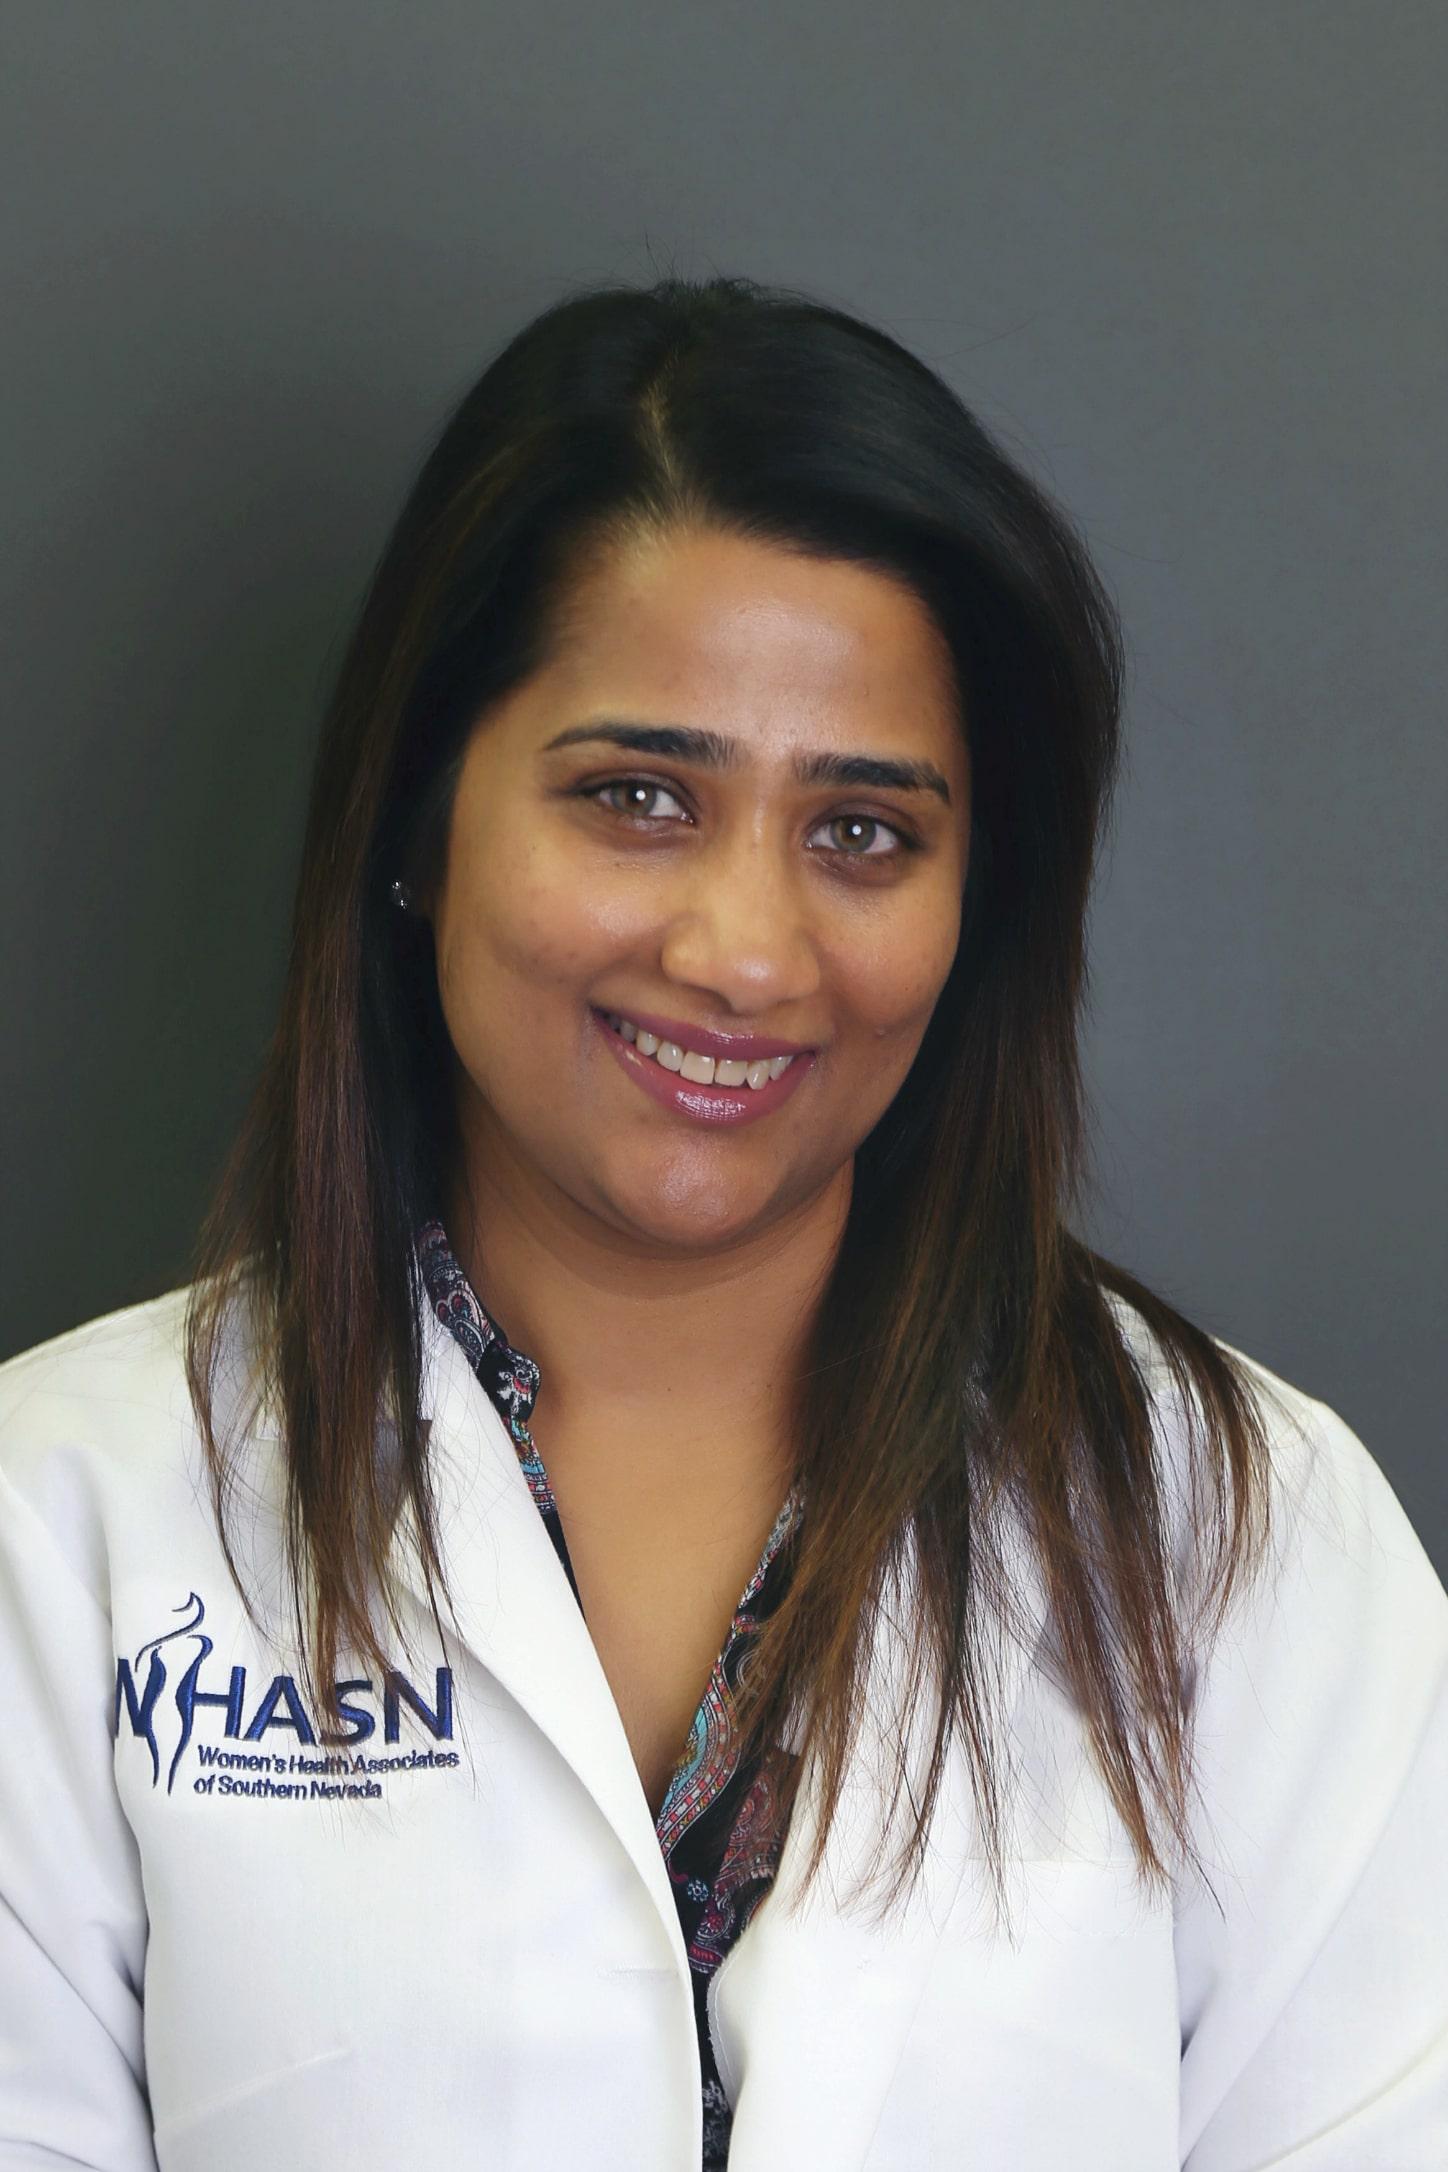 Ruheena Madhura, NP_WHASN Northwest